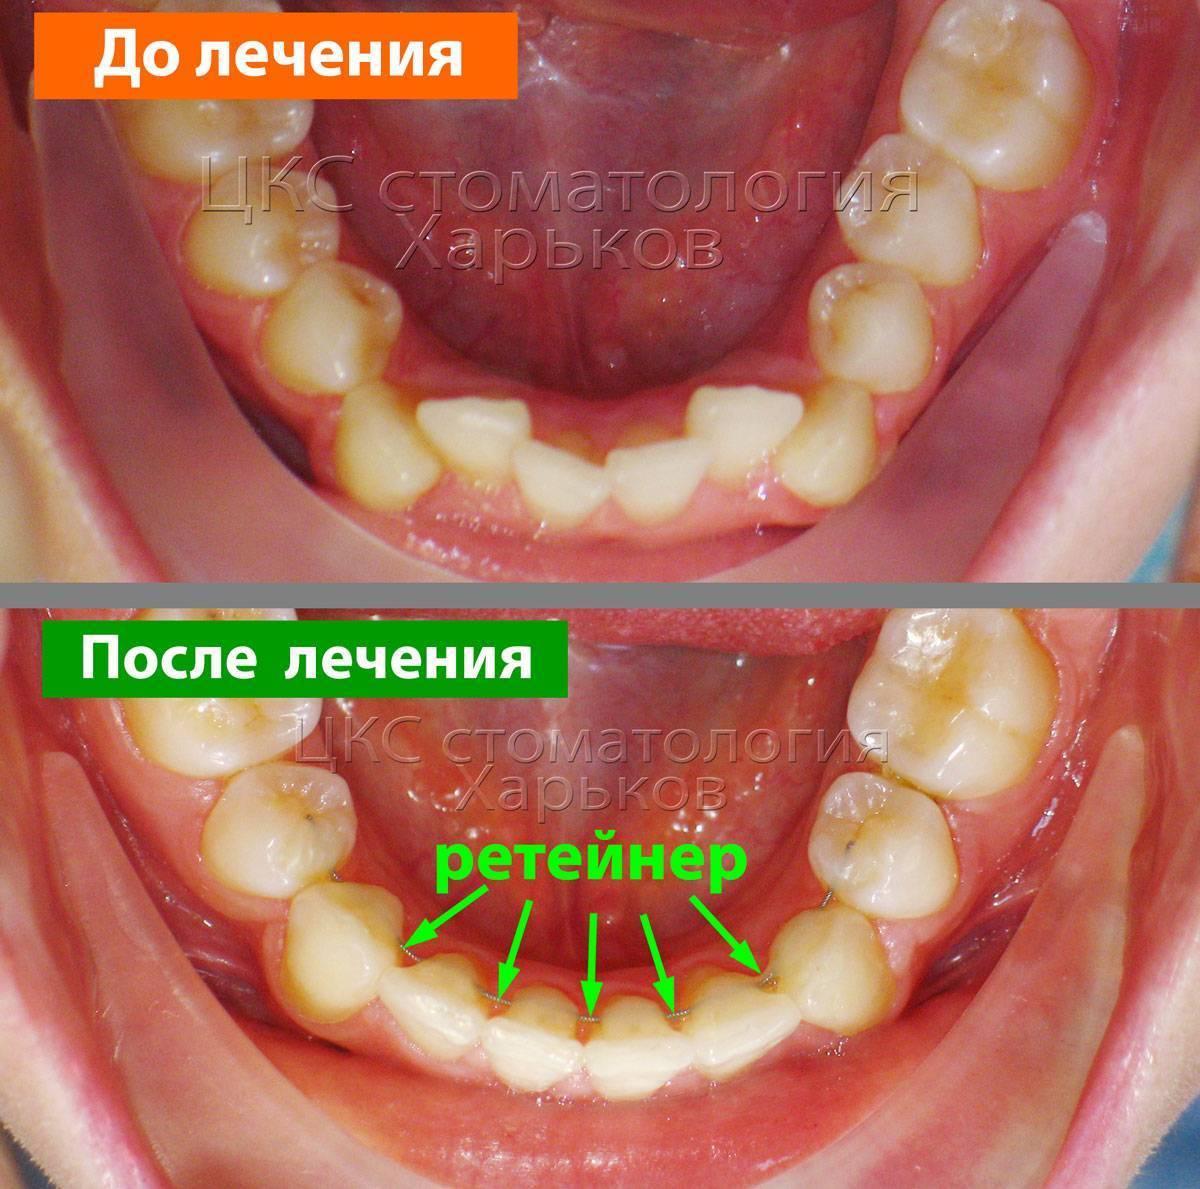 Отклеился ретейнер:  стоматология и лечение зубов у беременных мам и детей